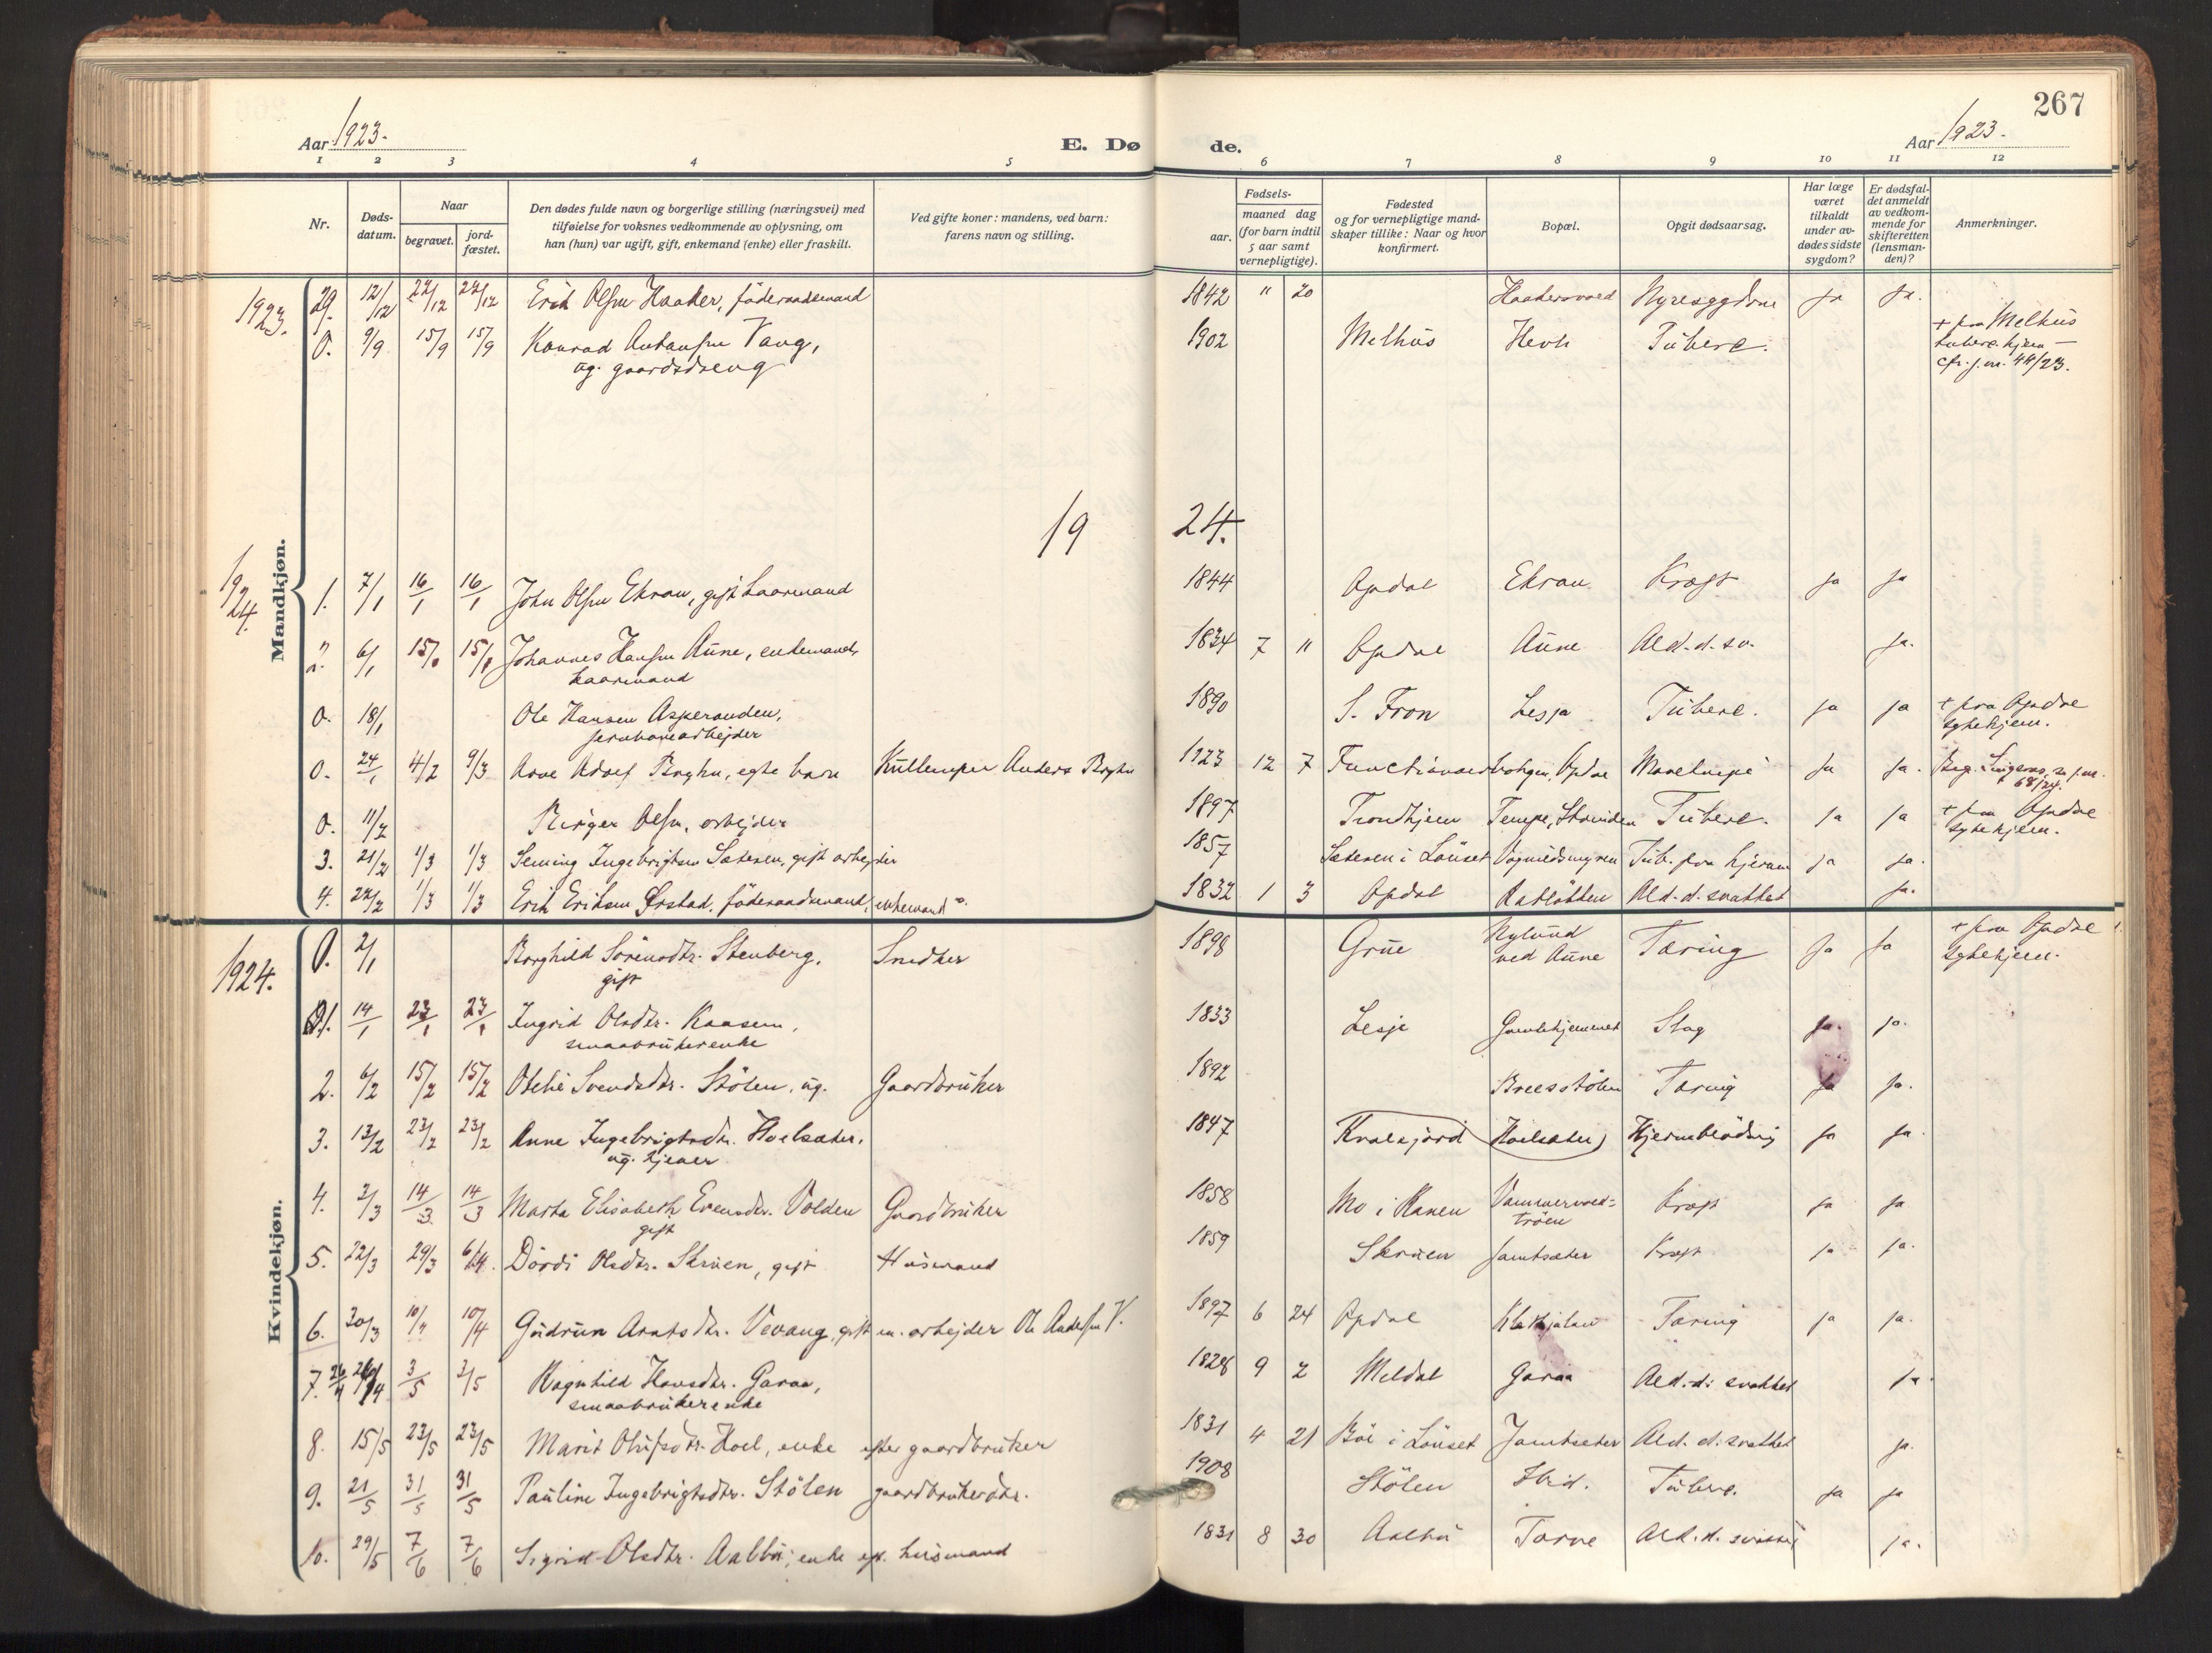 SAT, Ministerialprotokoller, klokkerbøker og fødselsregistre - Sør-Trøndelag, 678/L0909: Ministerialbok nr. 678A17, 1912-1930, s. 267